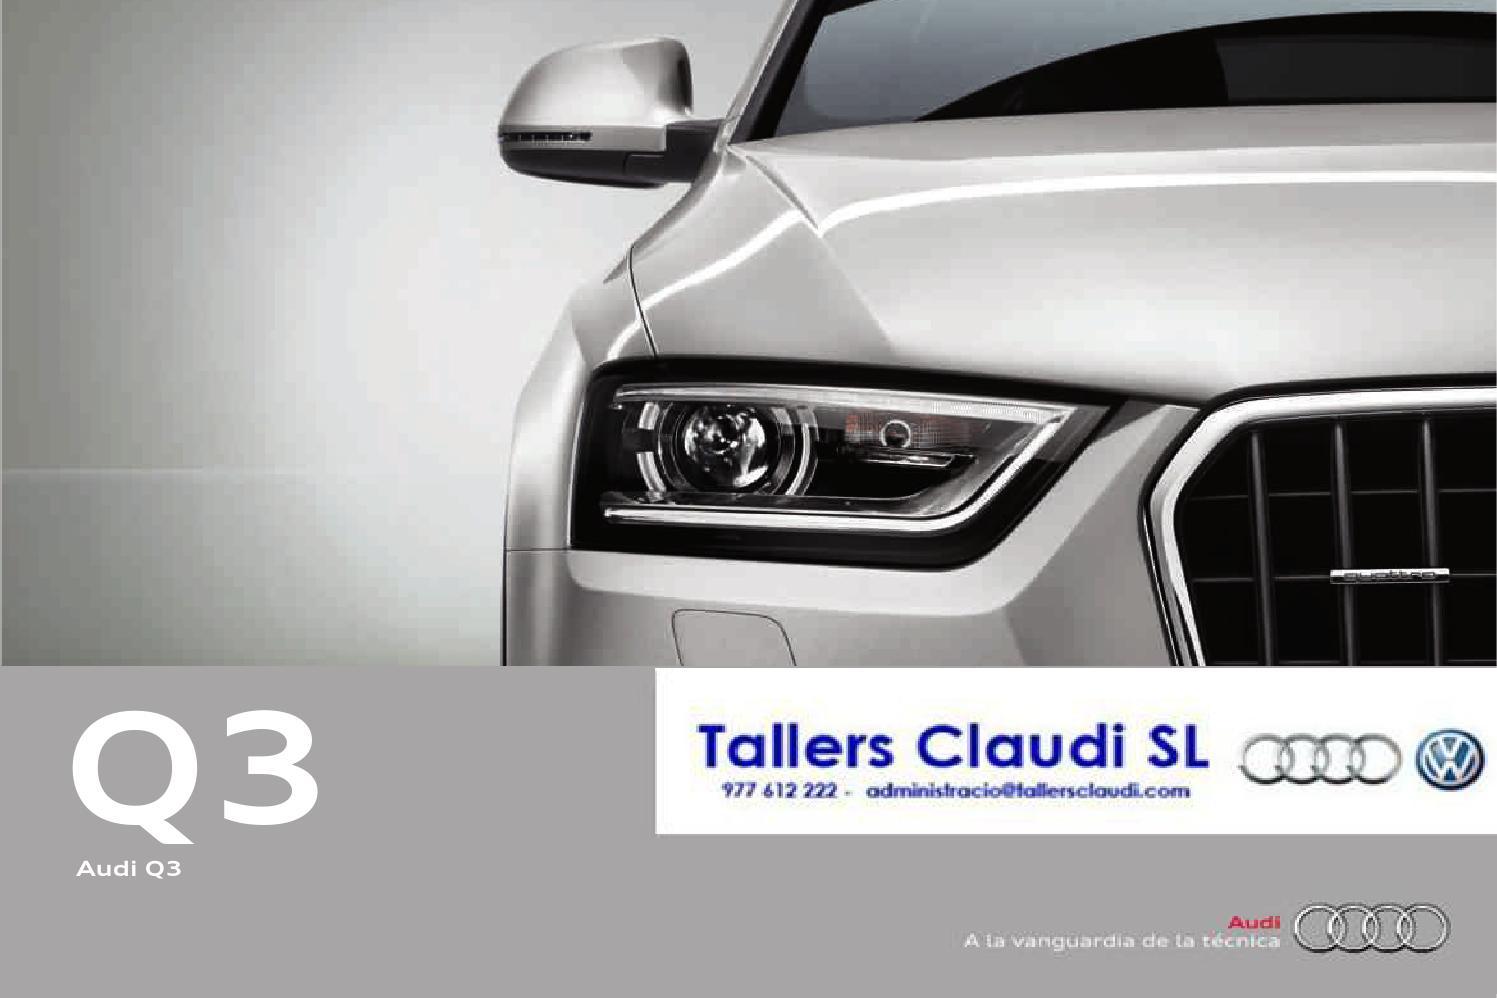 con dise/ño S-Line Audi Embellecedor para volante deportivo color negro y cromo